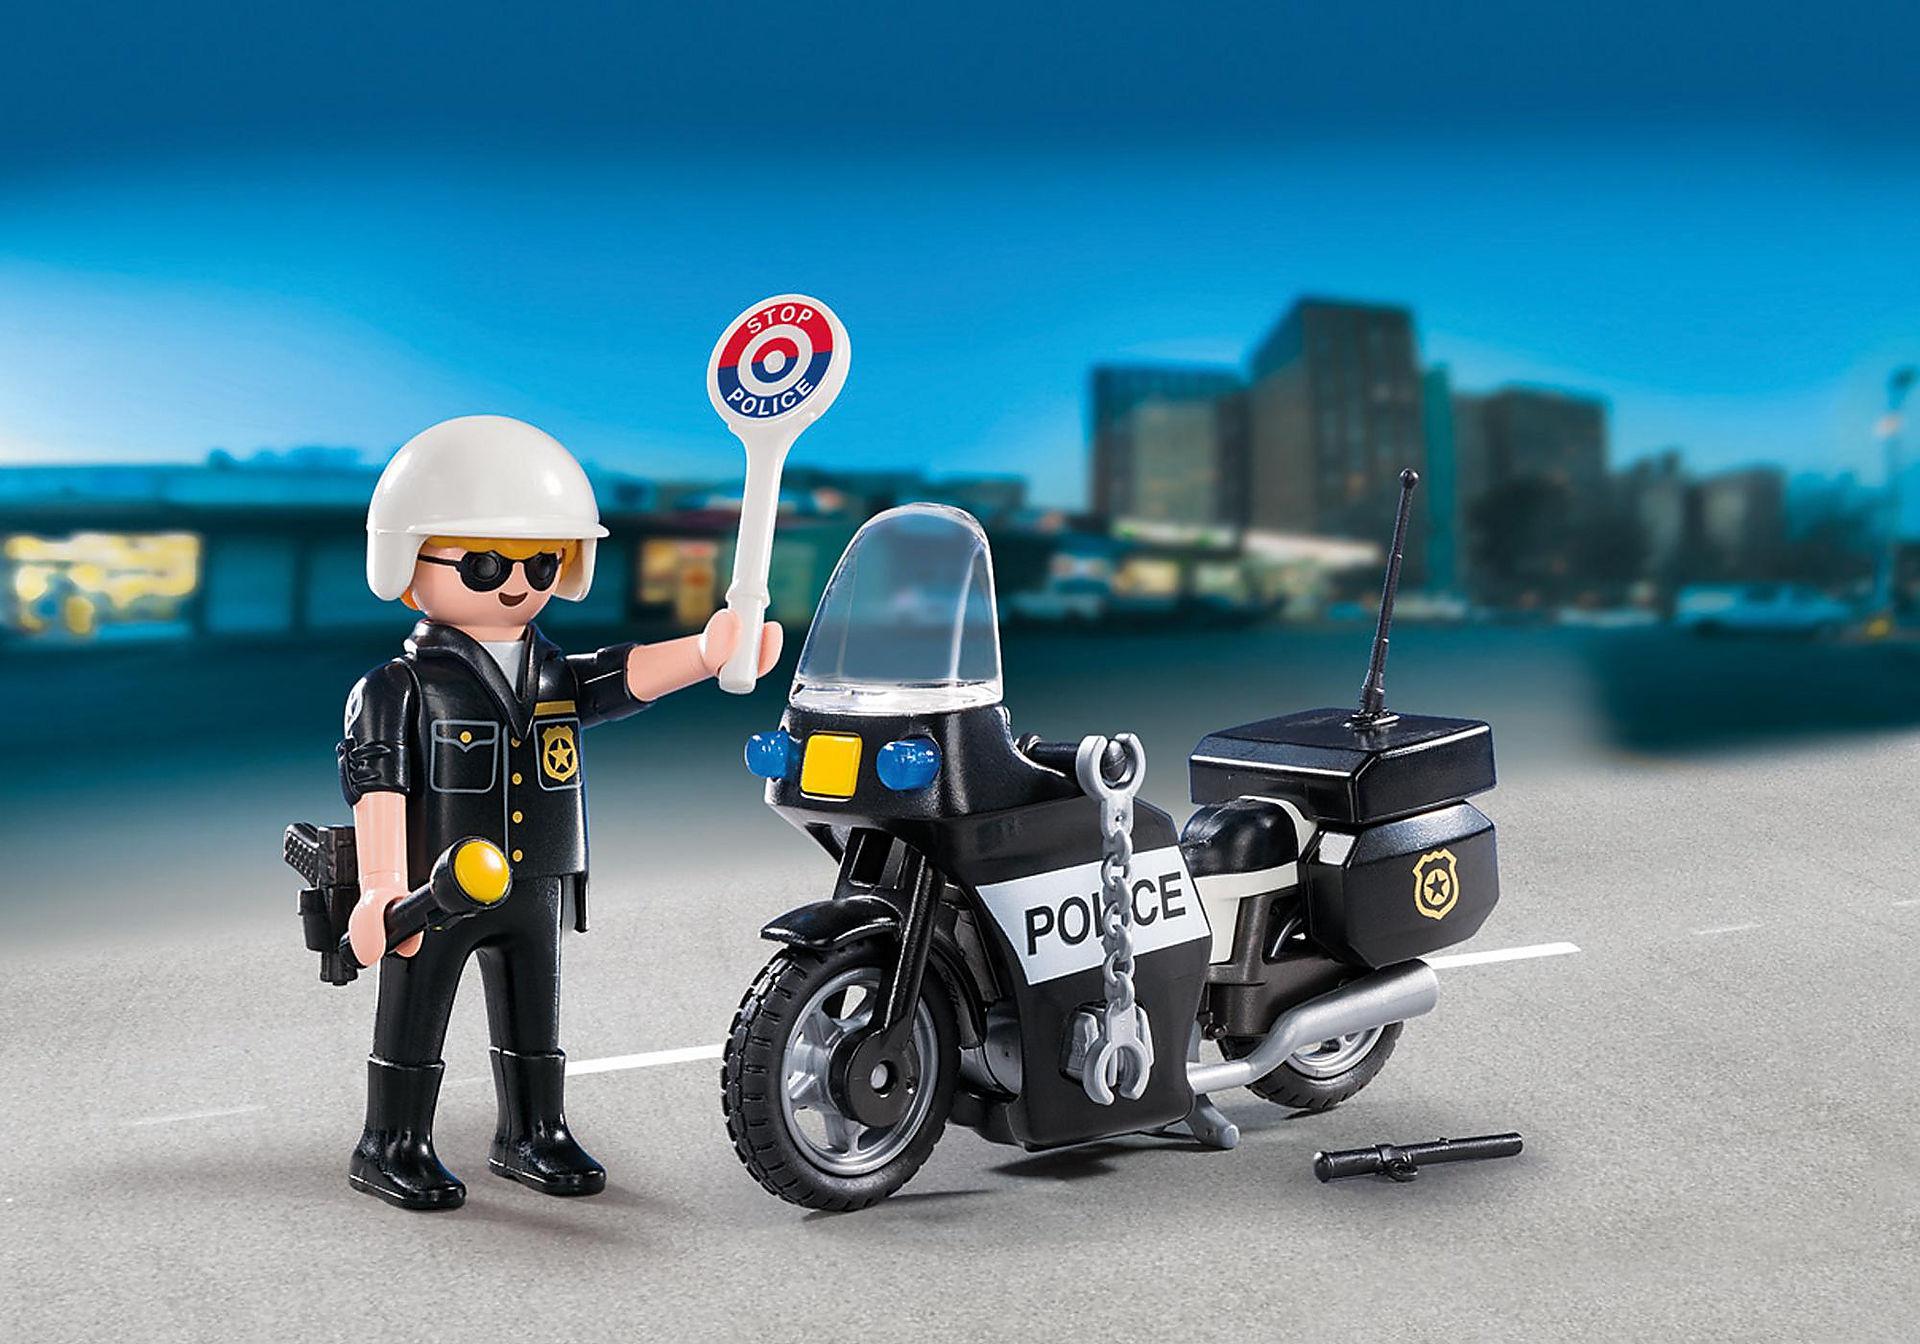 5648 Βαλιτσάκι Αστυνόμος με μοτοσικλέτα zoom image1